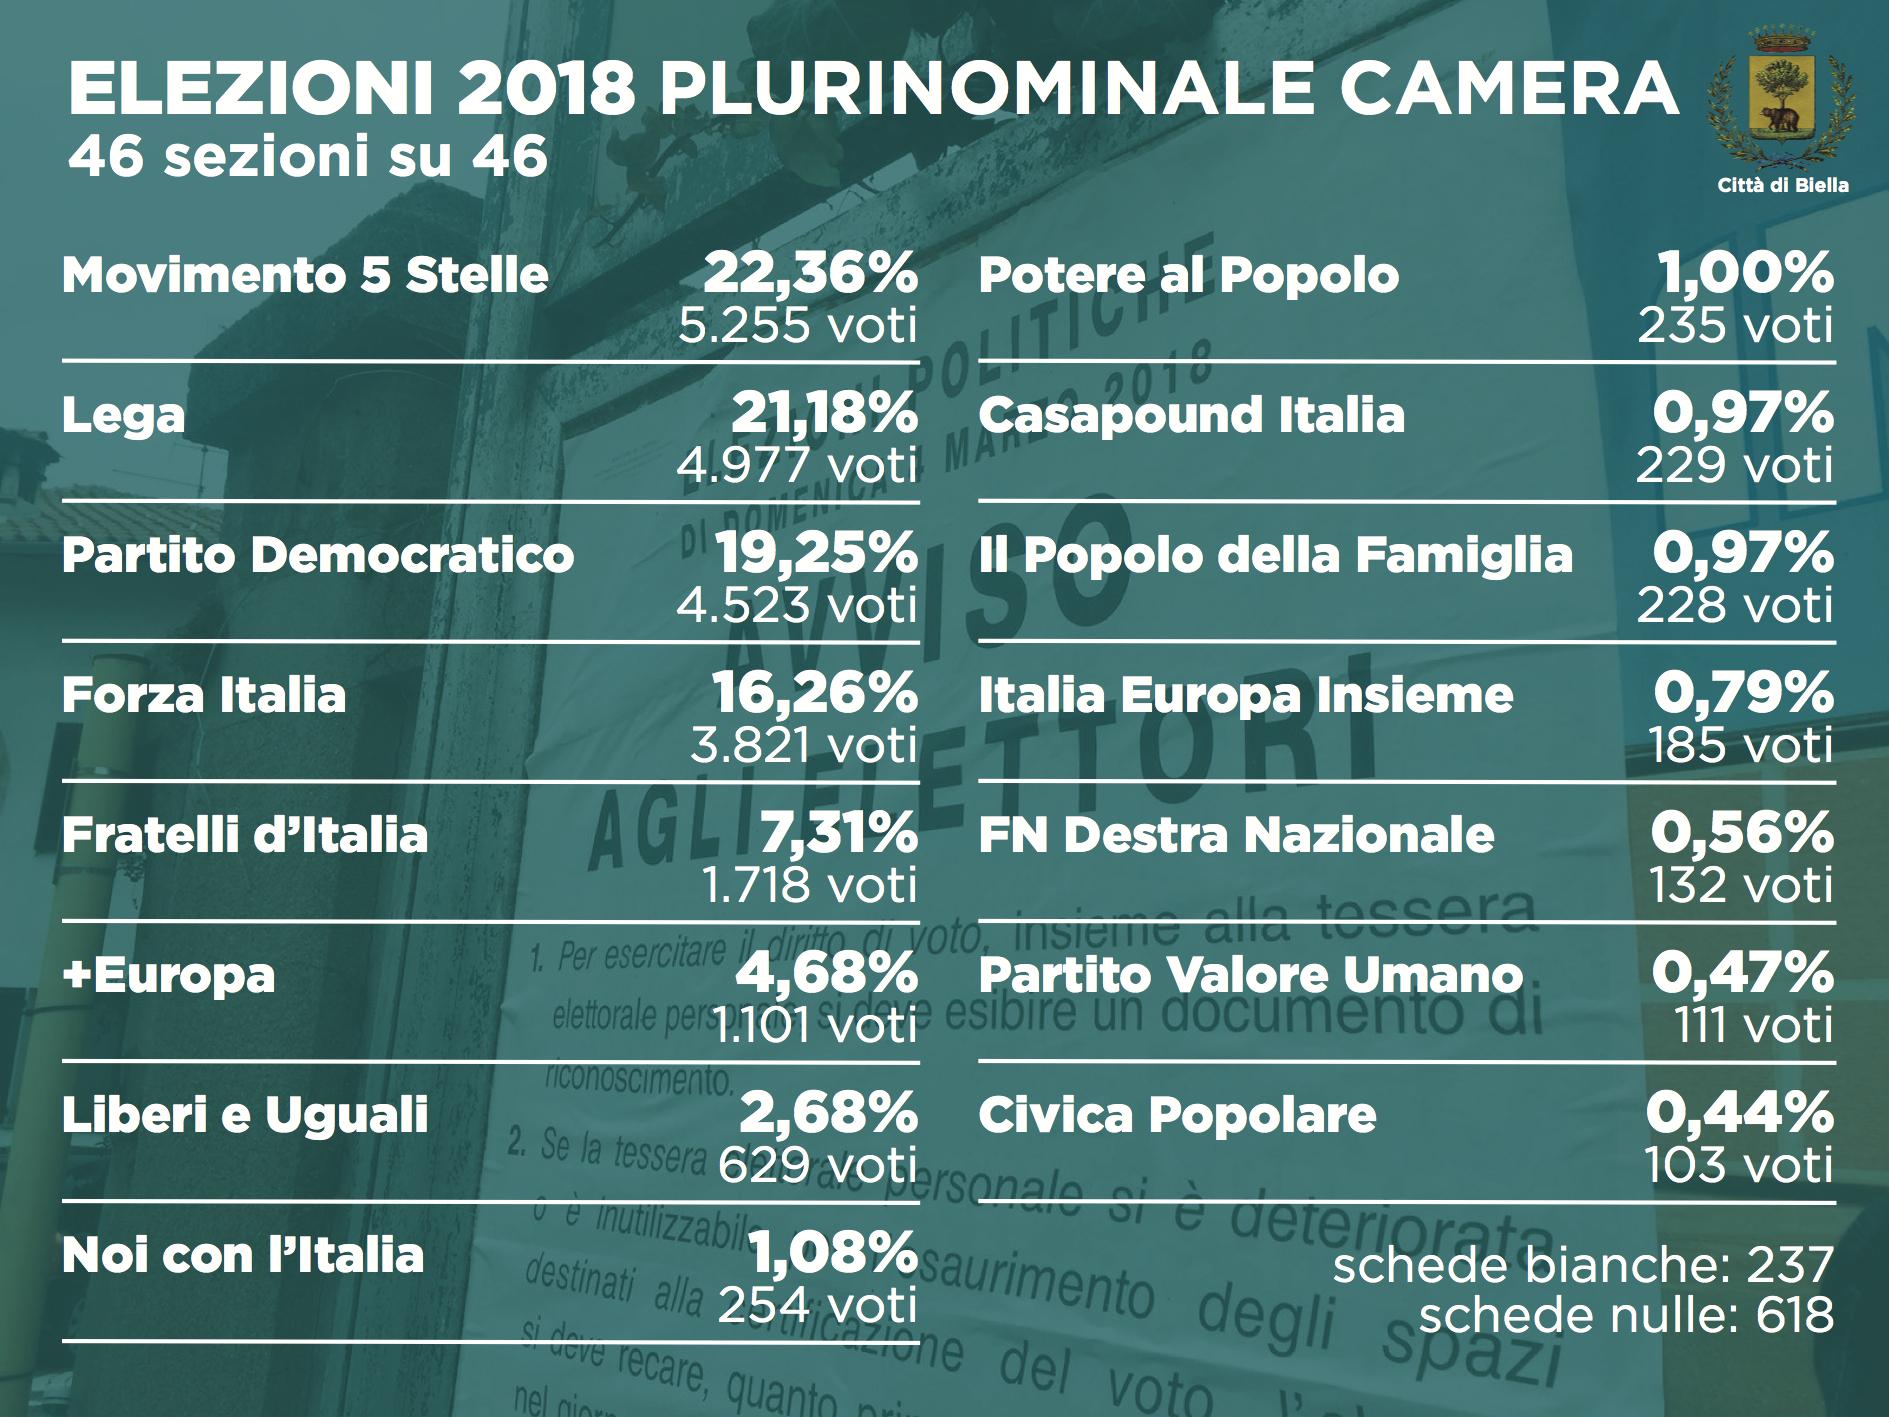 Elezioni 2018: i dati definitivi del plurinominale alla Camera